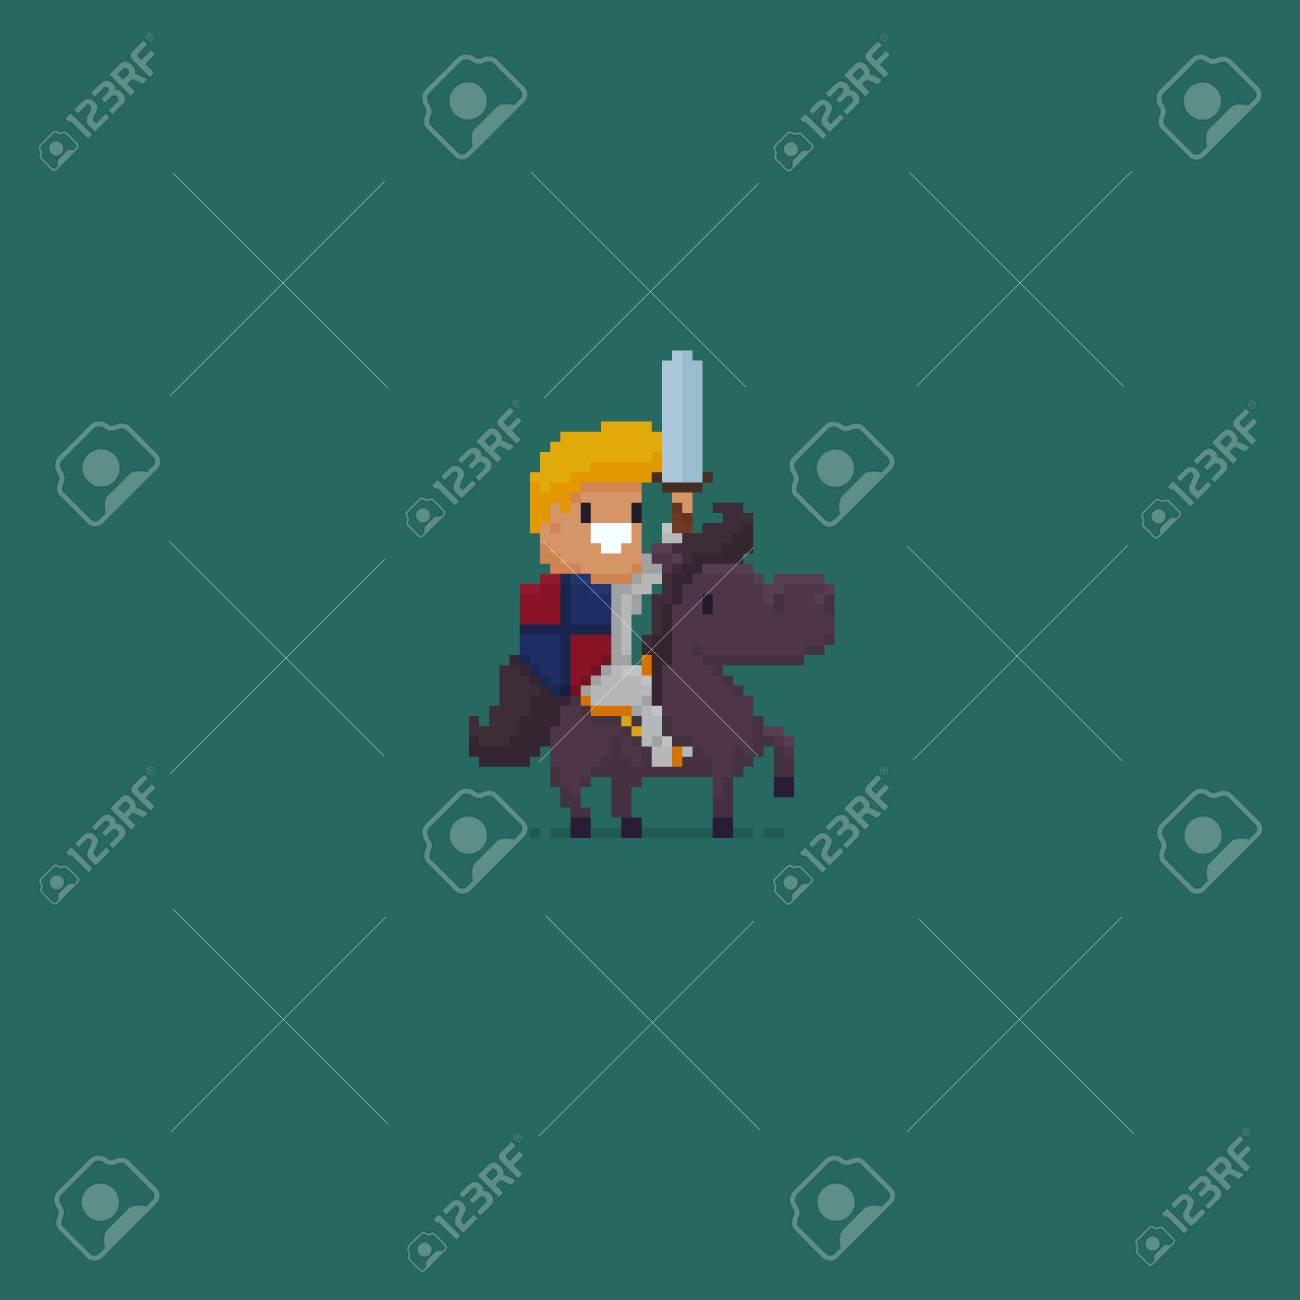 Pixel Art Chevalier Avec épée Assis Assis Sur Un Cheval